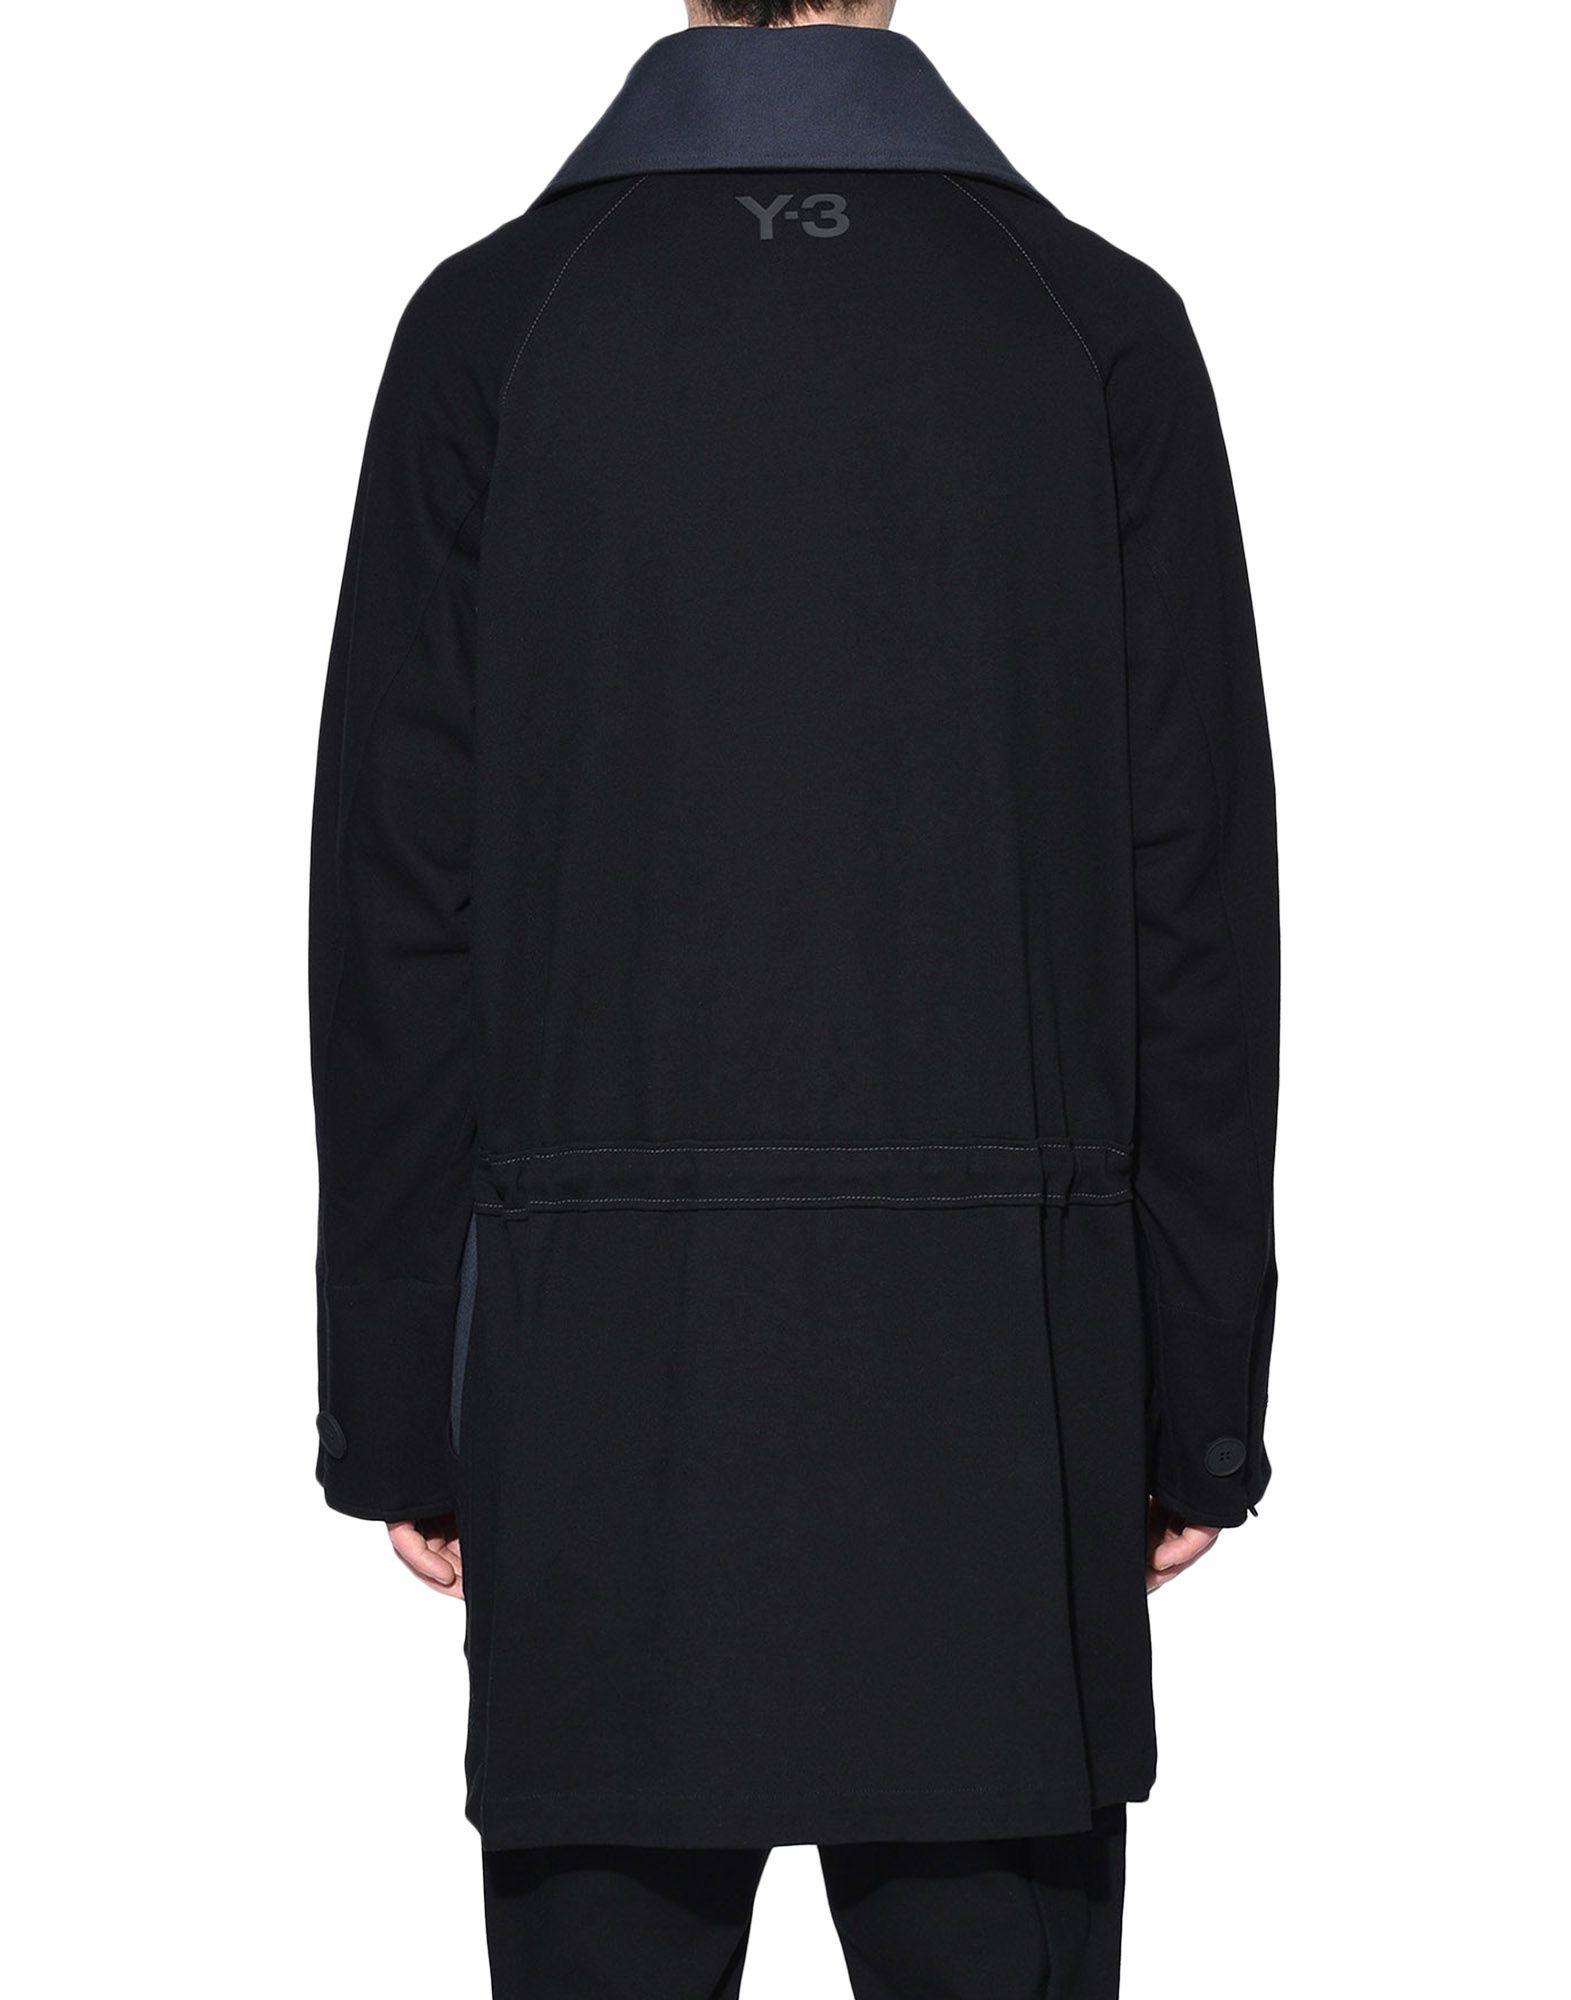 Y-3 Y-3 Long Utility Sweater Sweatshirt mit Zipp Herren d